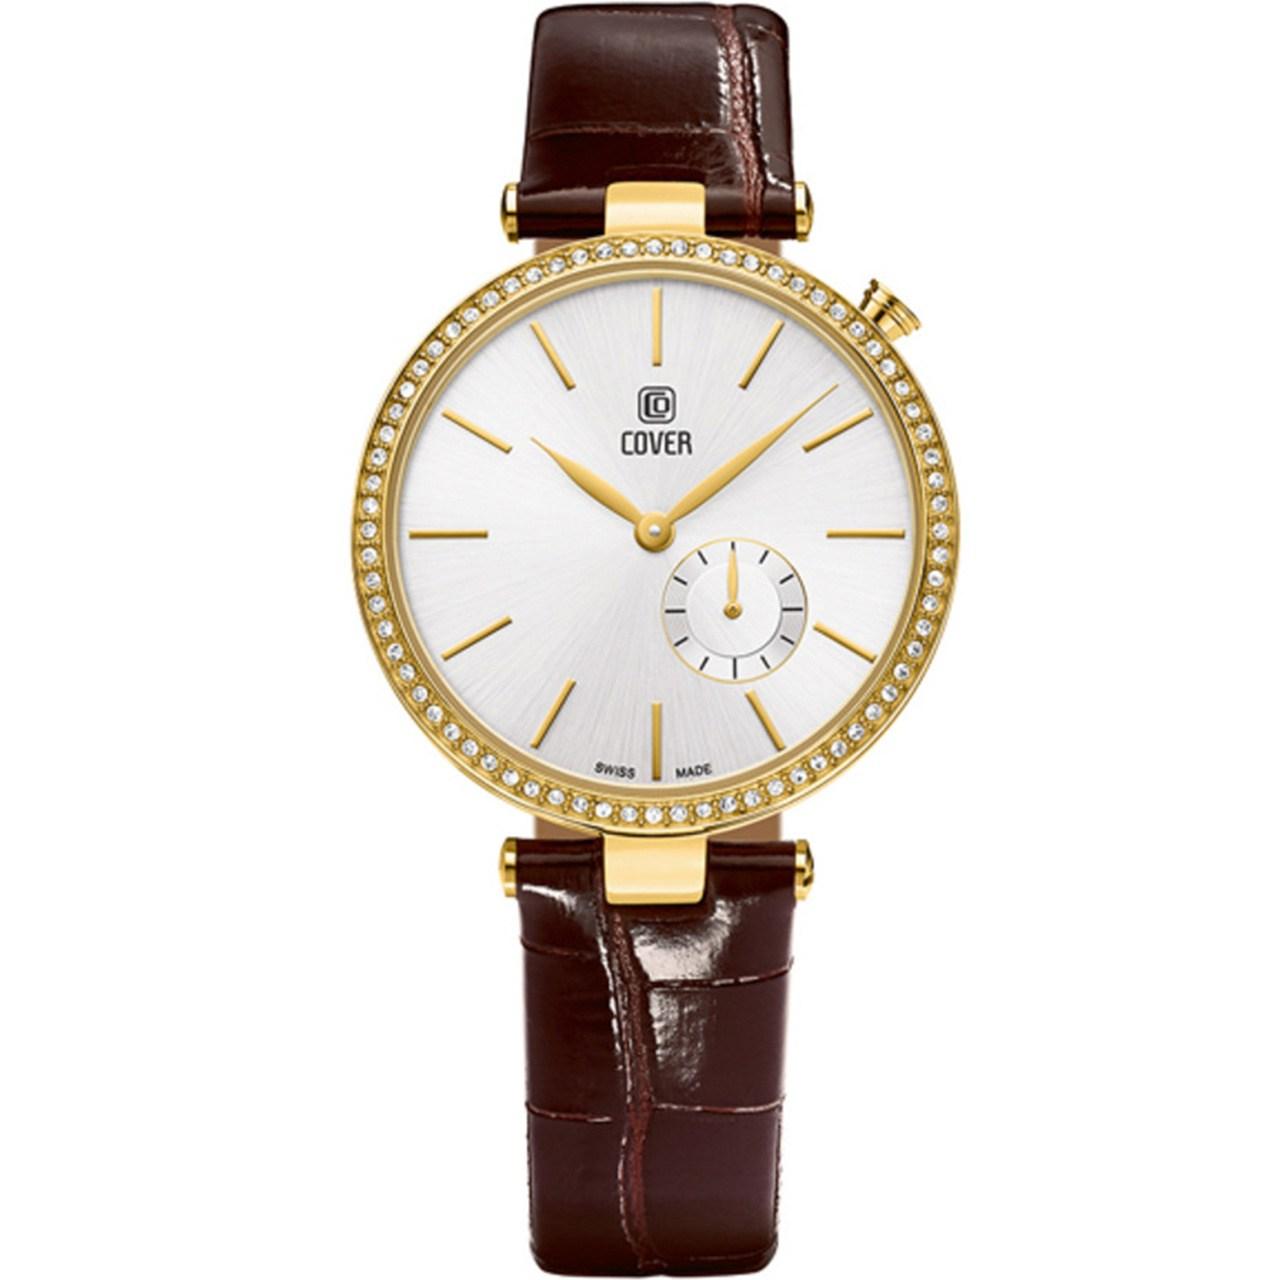 ساعت مچی عقربه ای زنانه کاور مدل Co1780.03